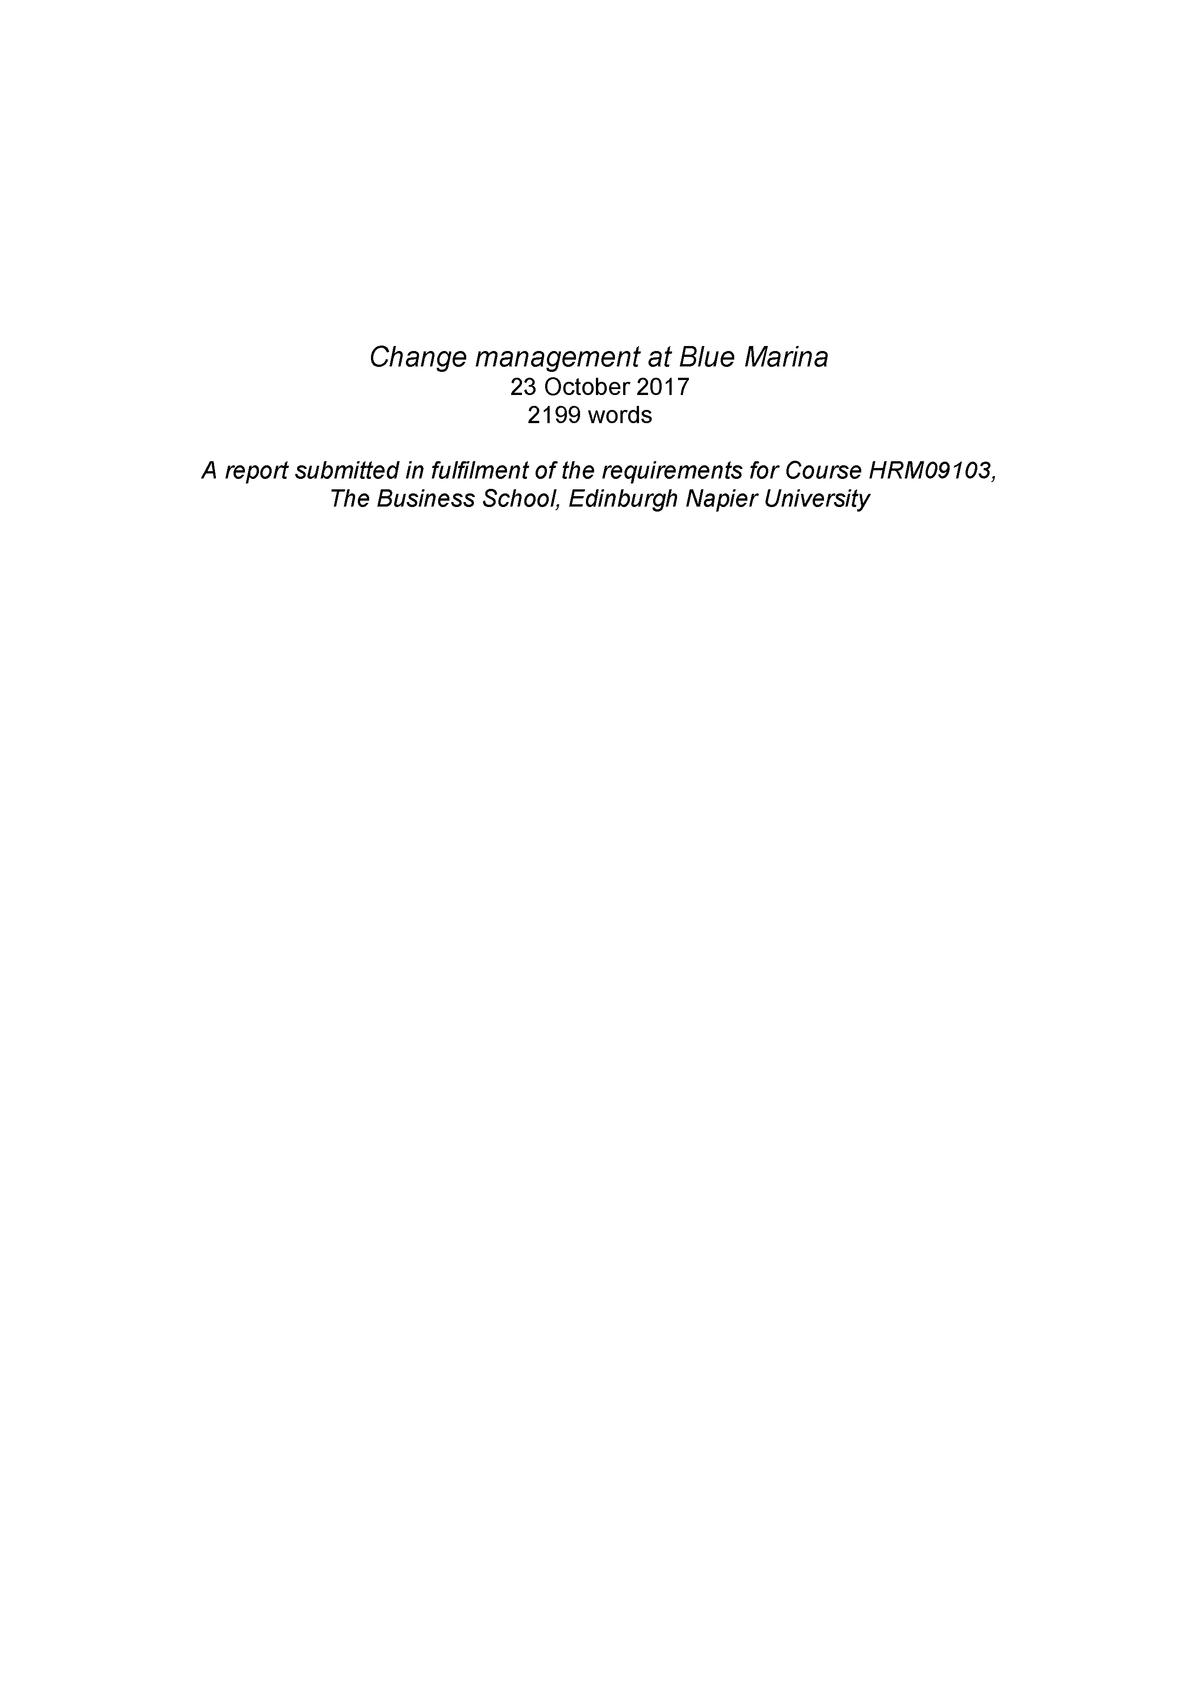 Organizational Change Management Assignment Blue Marina - HRM09103